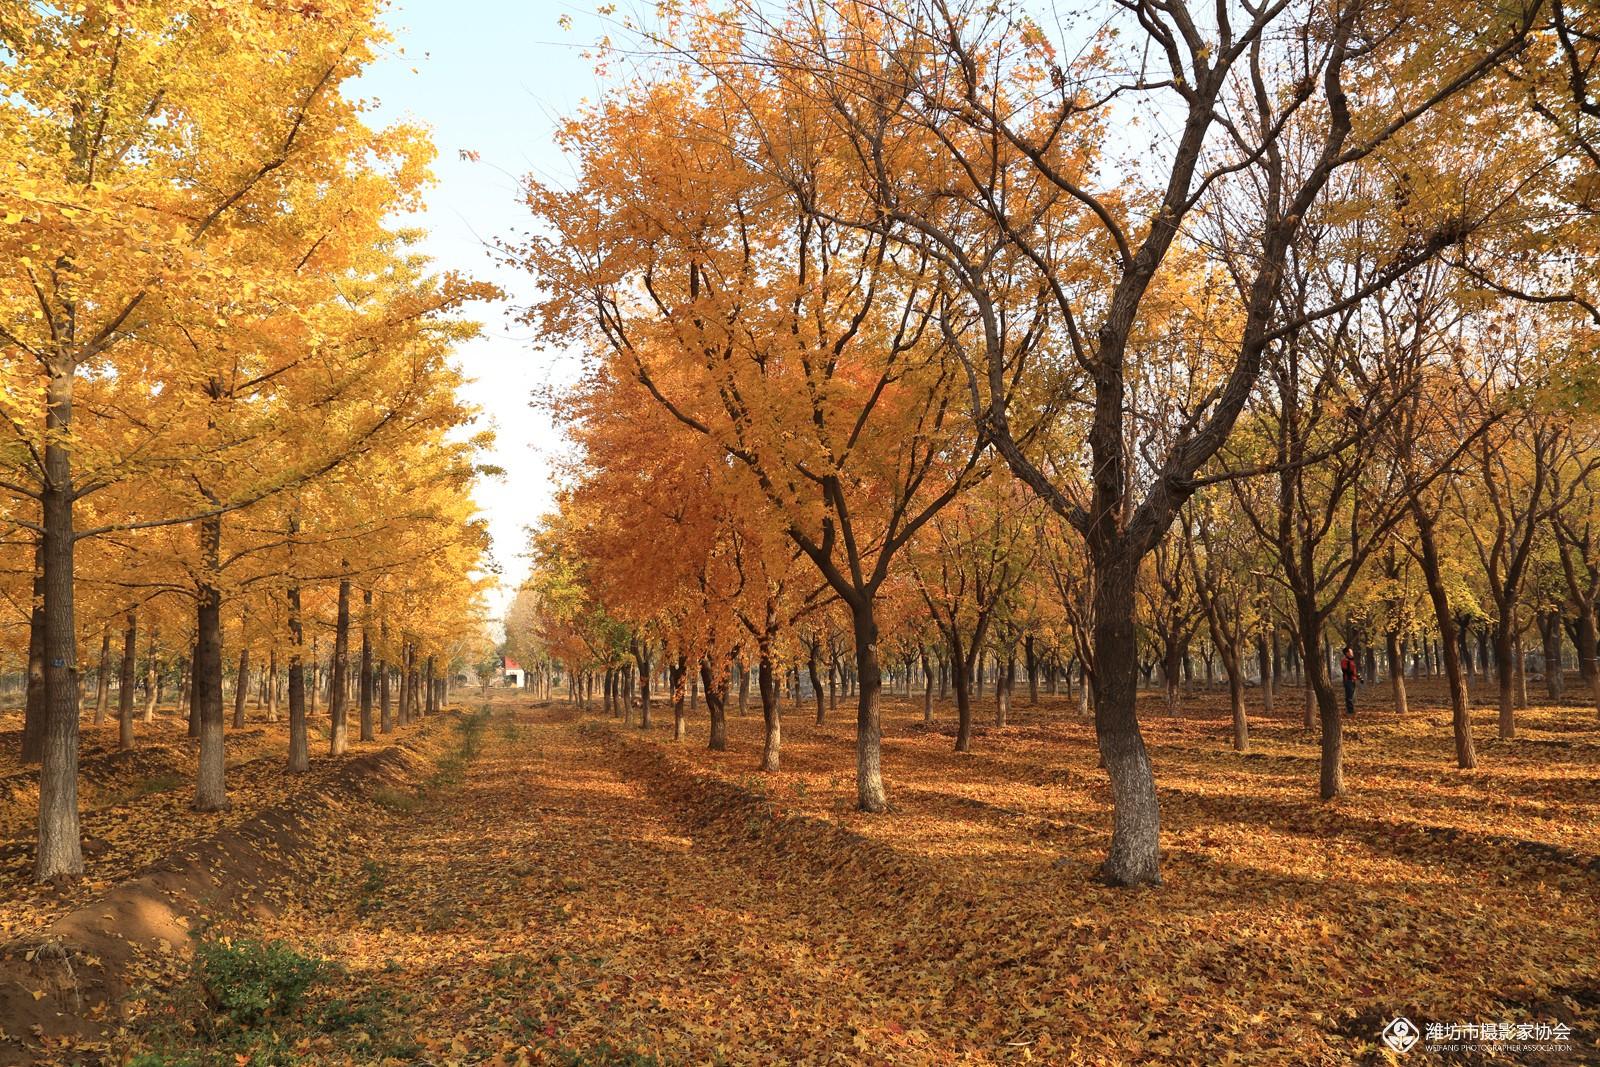 枫叶林风景图片展示